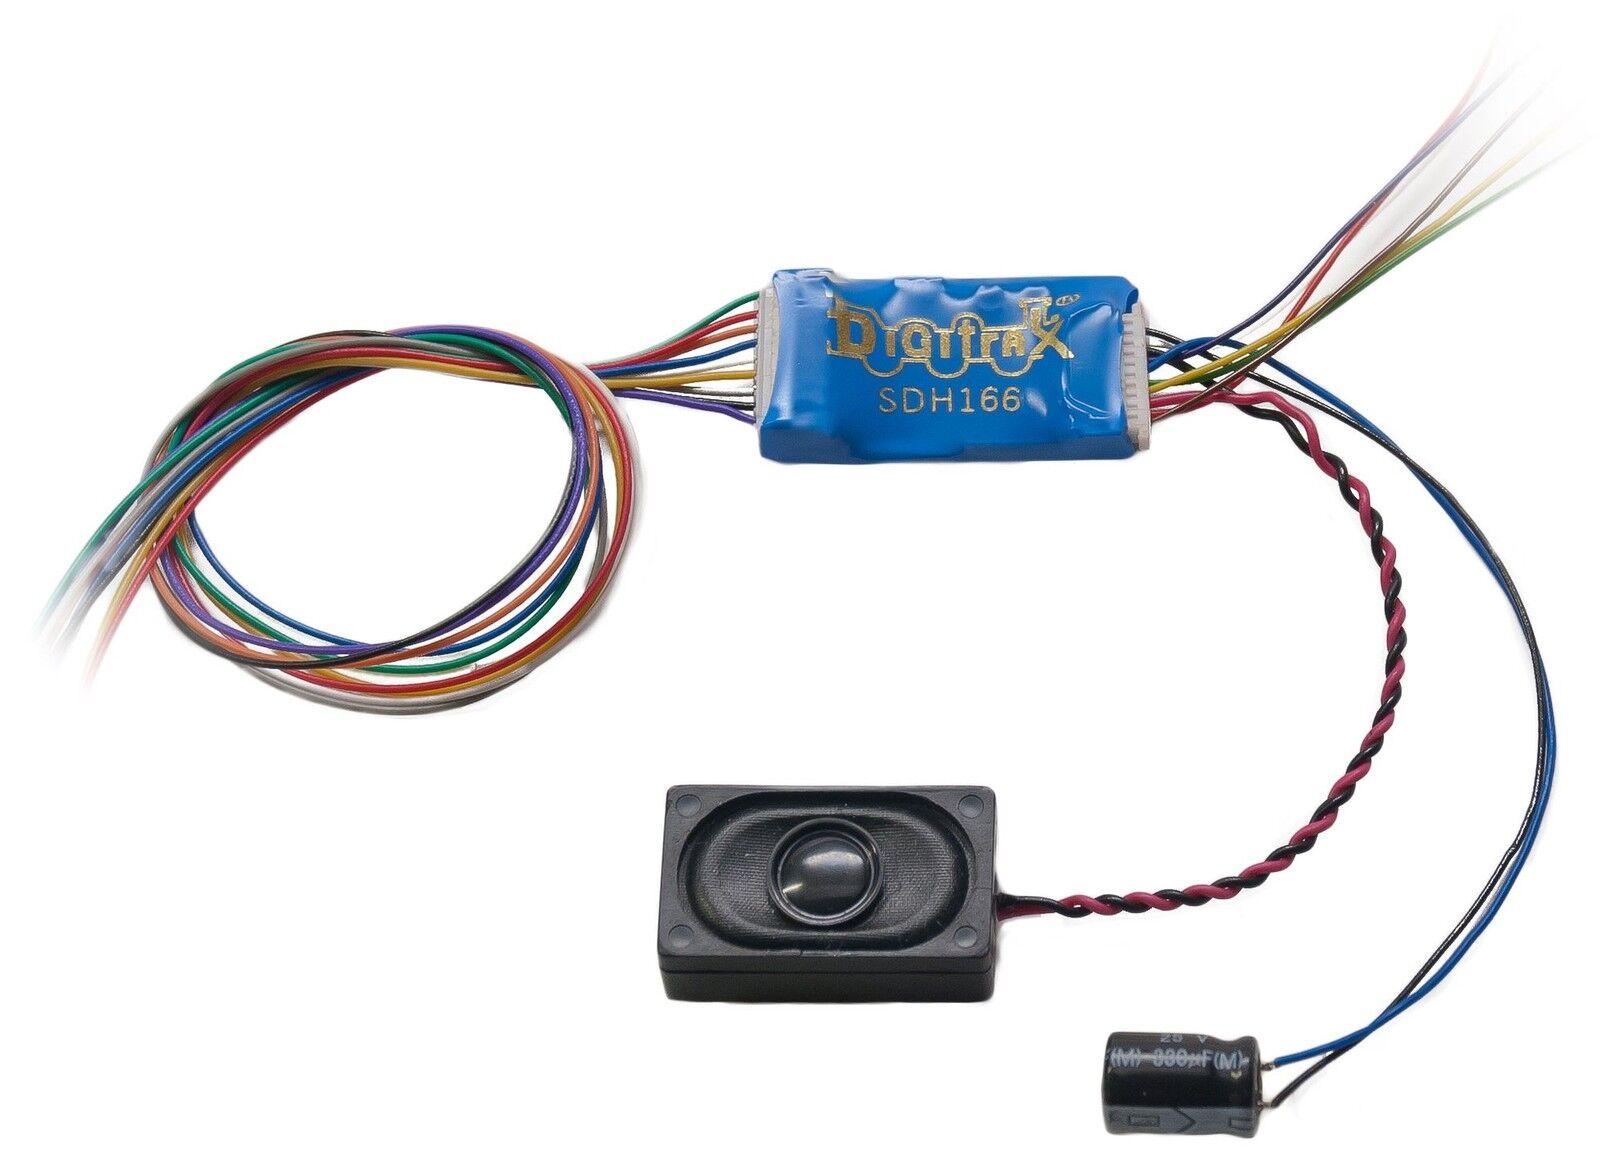 Digitrax DGTSDH166D HO 8 Bit Sound Decoder, Motor 6-Function